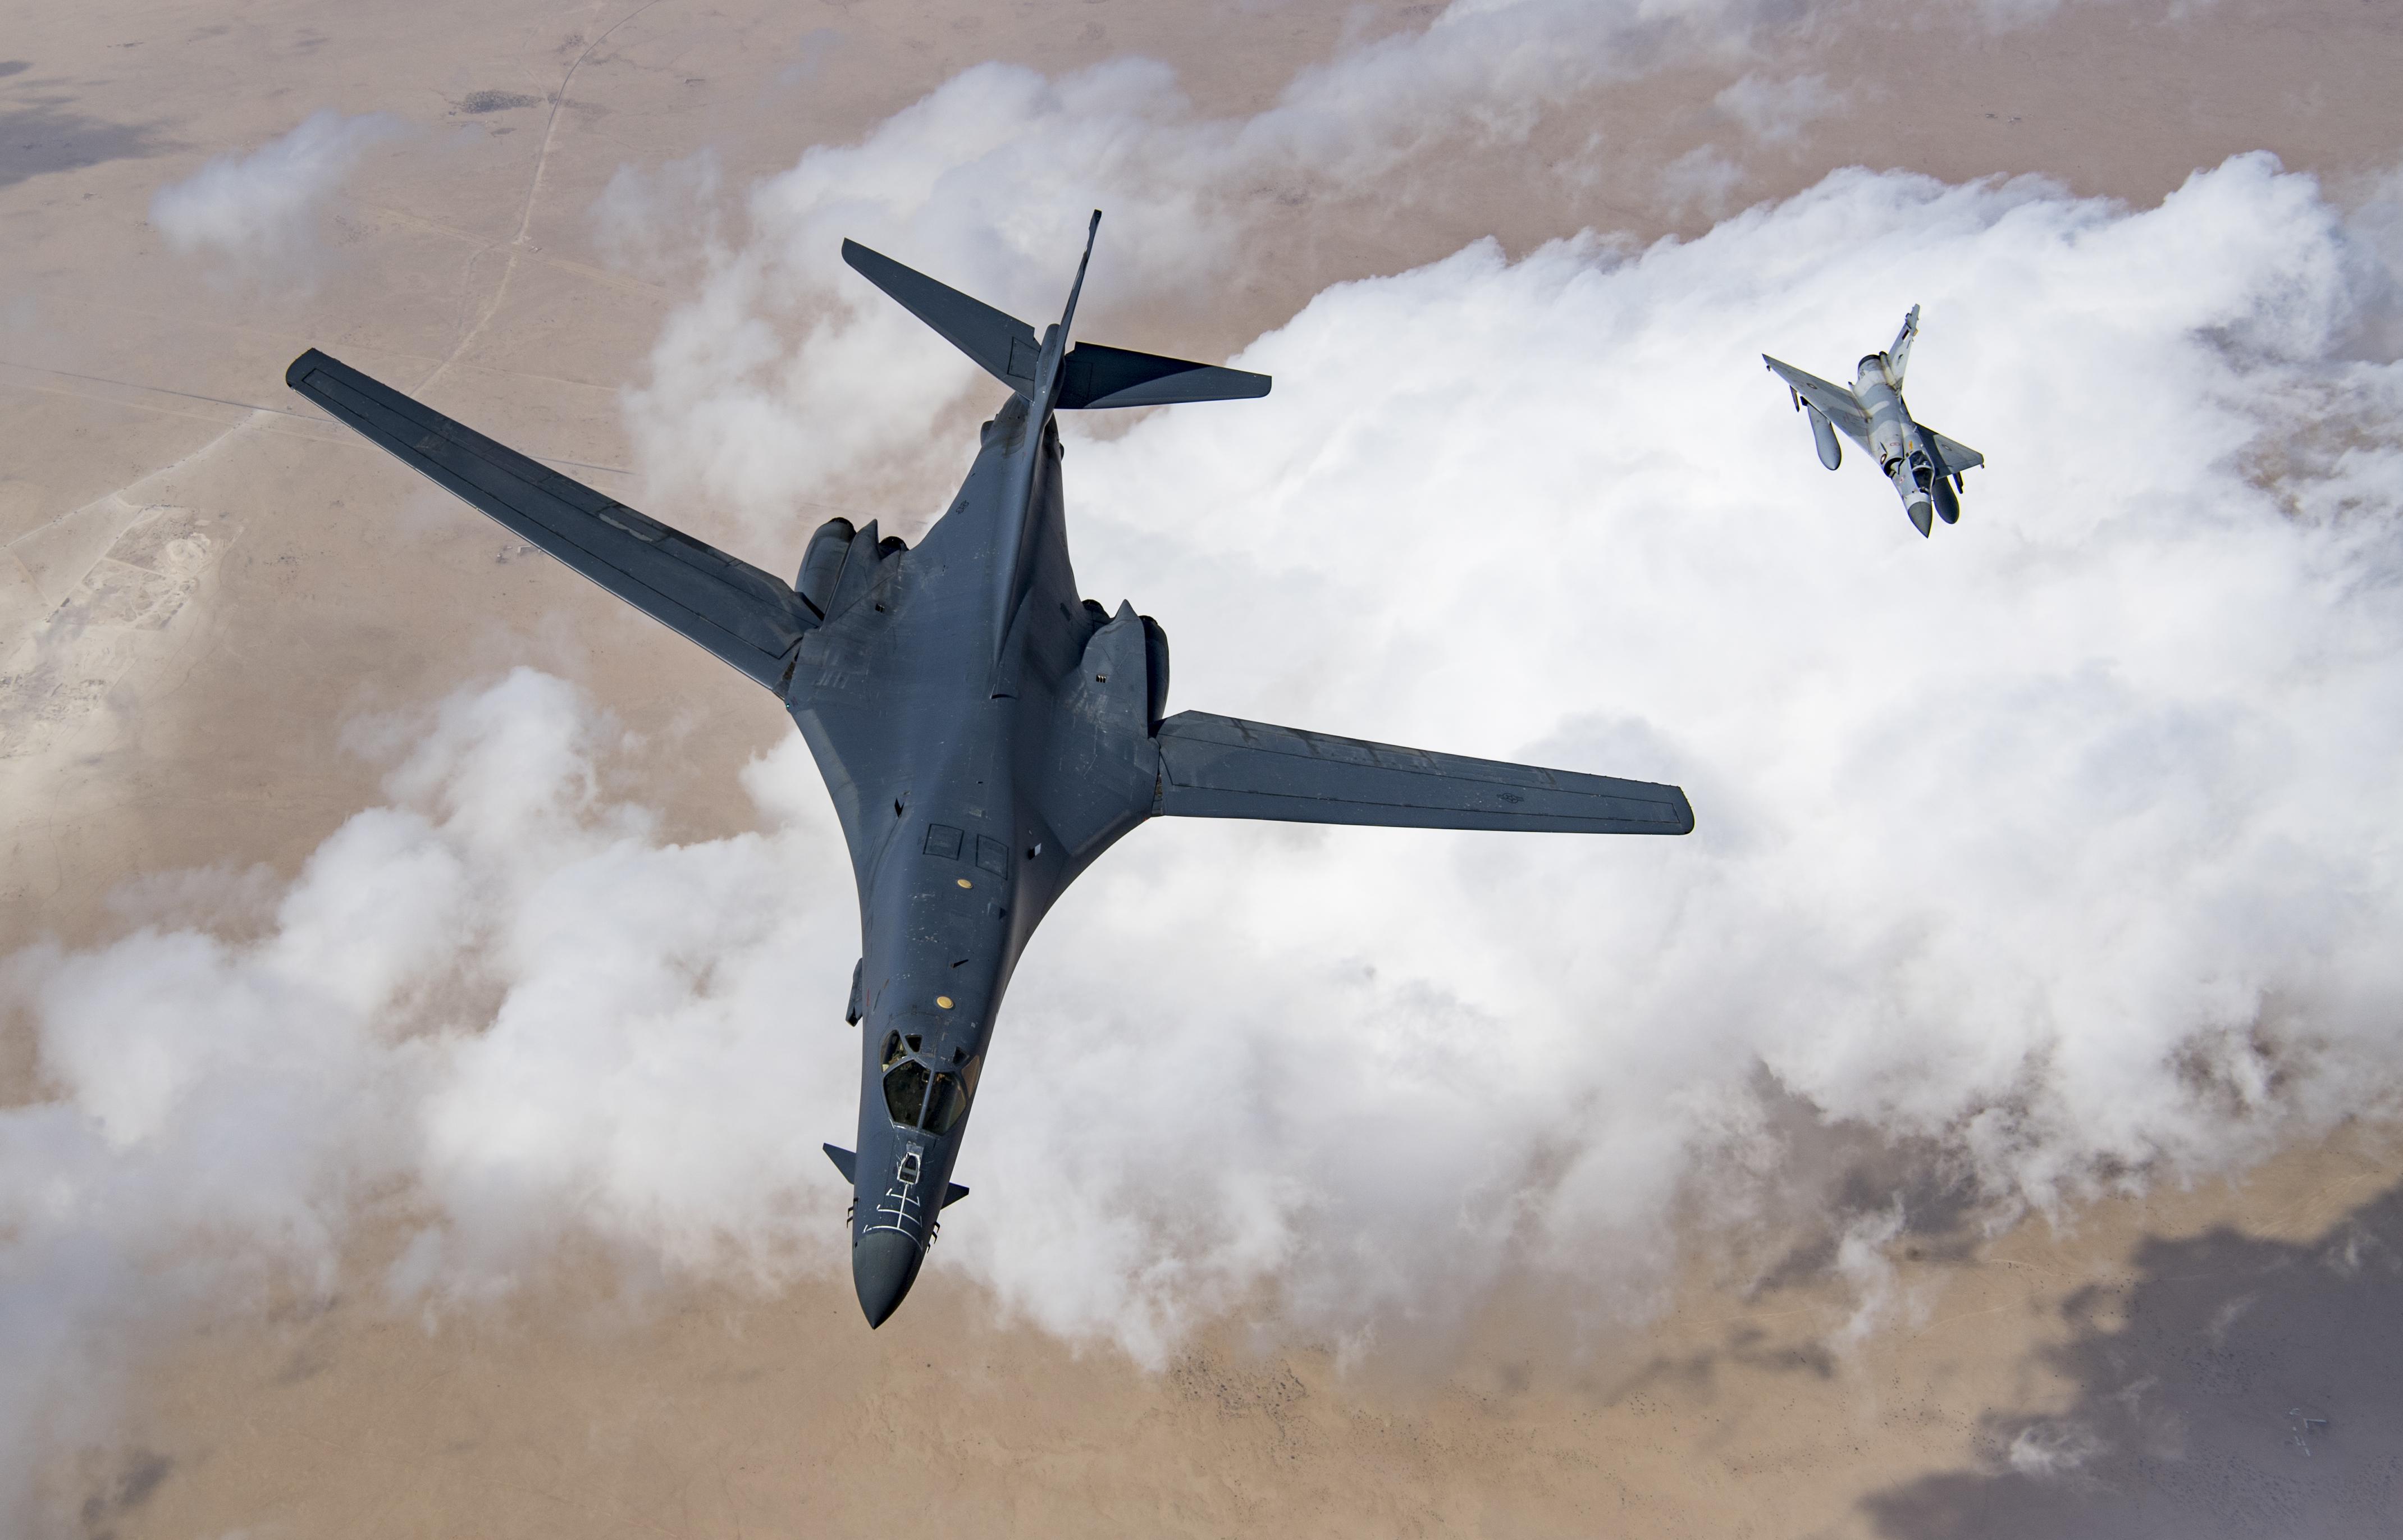 USAF B-1B and Qatari Mirage 2000-5 [USAF/ Staff Sgt Clayton Cupit]